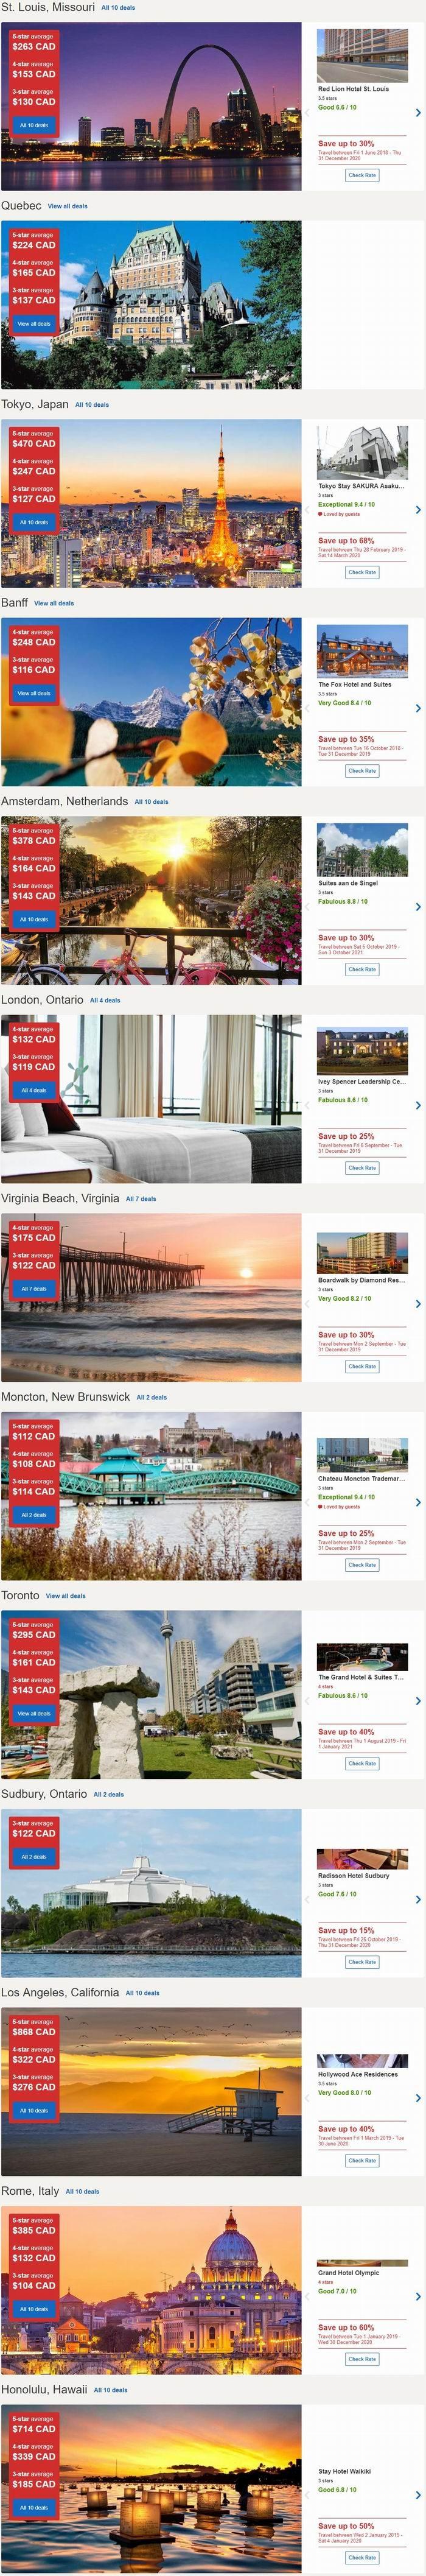 Hotels.com精选全球度假酒店住宿6折起+额外9.2折+住满10晚再送1晚!